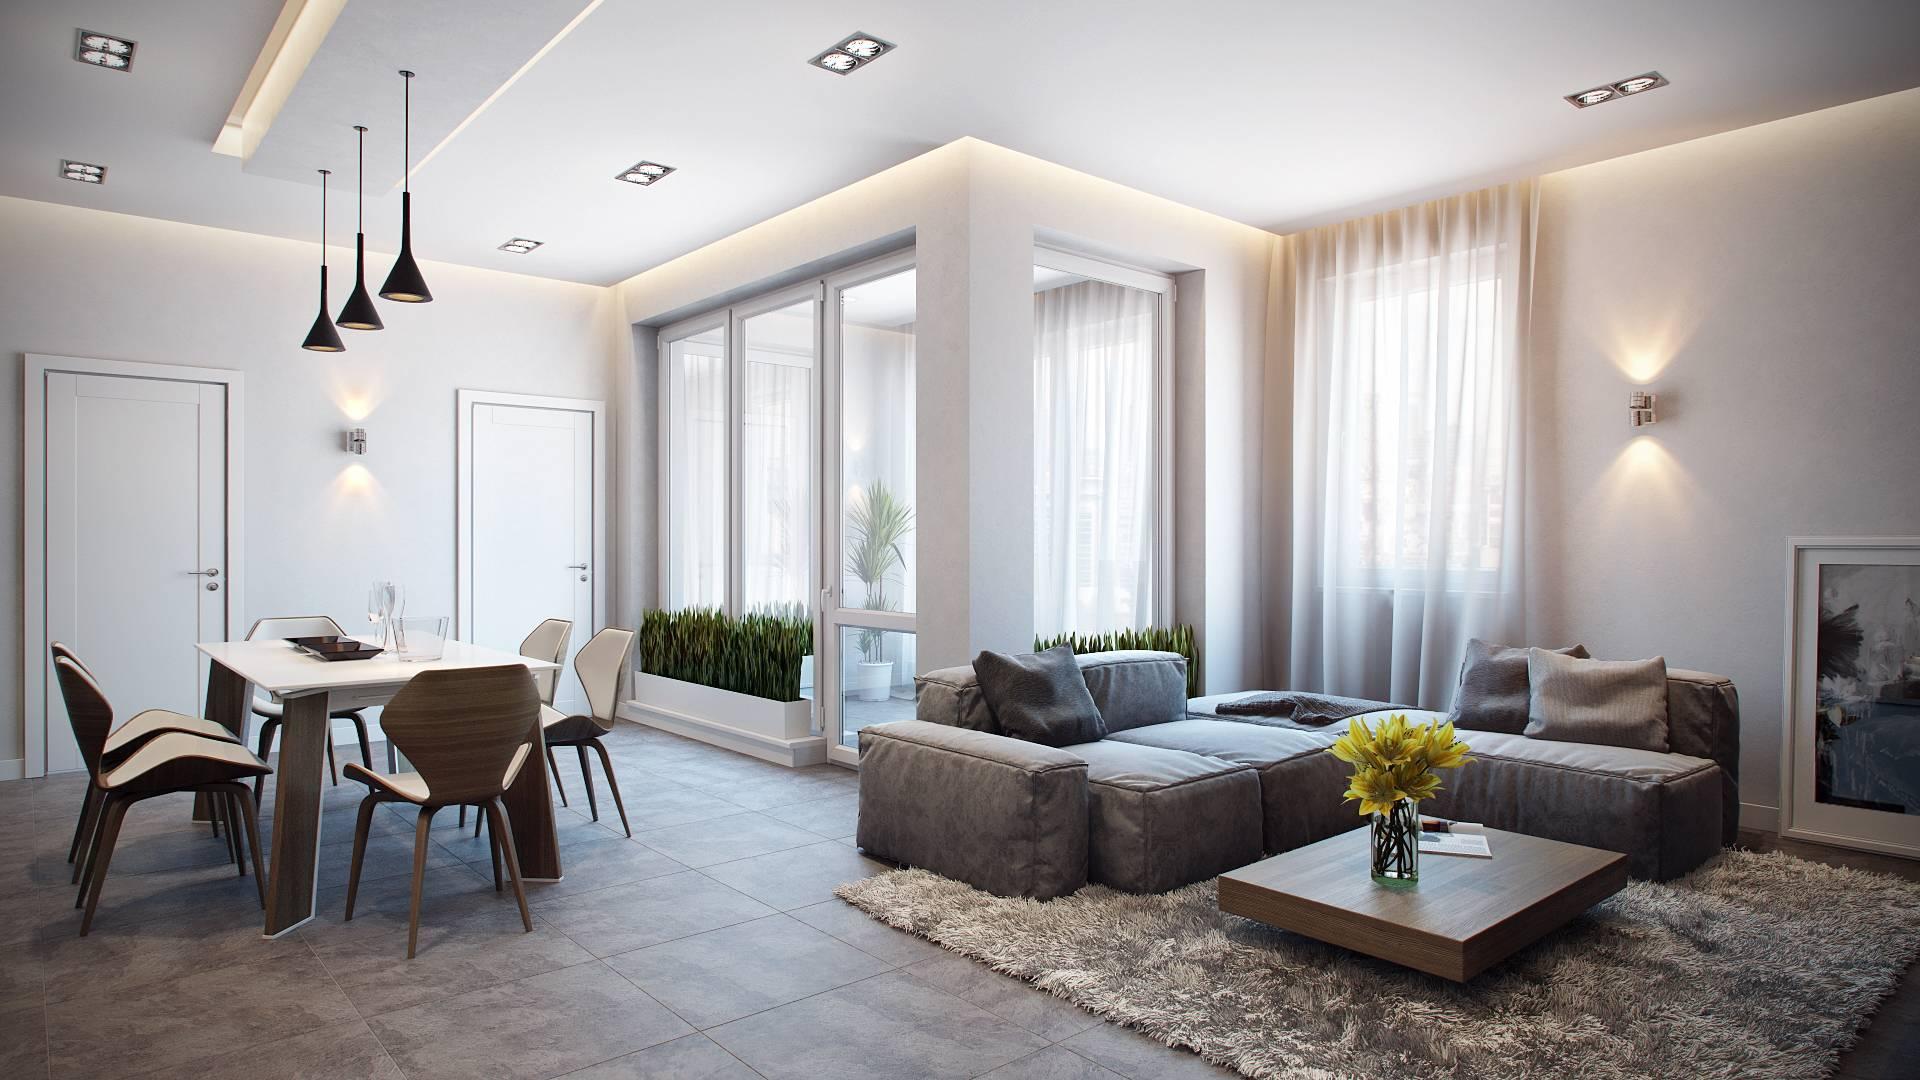 Как правильно выбрать источники света для квартиры?